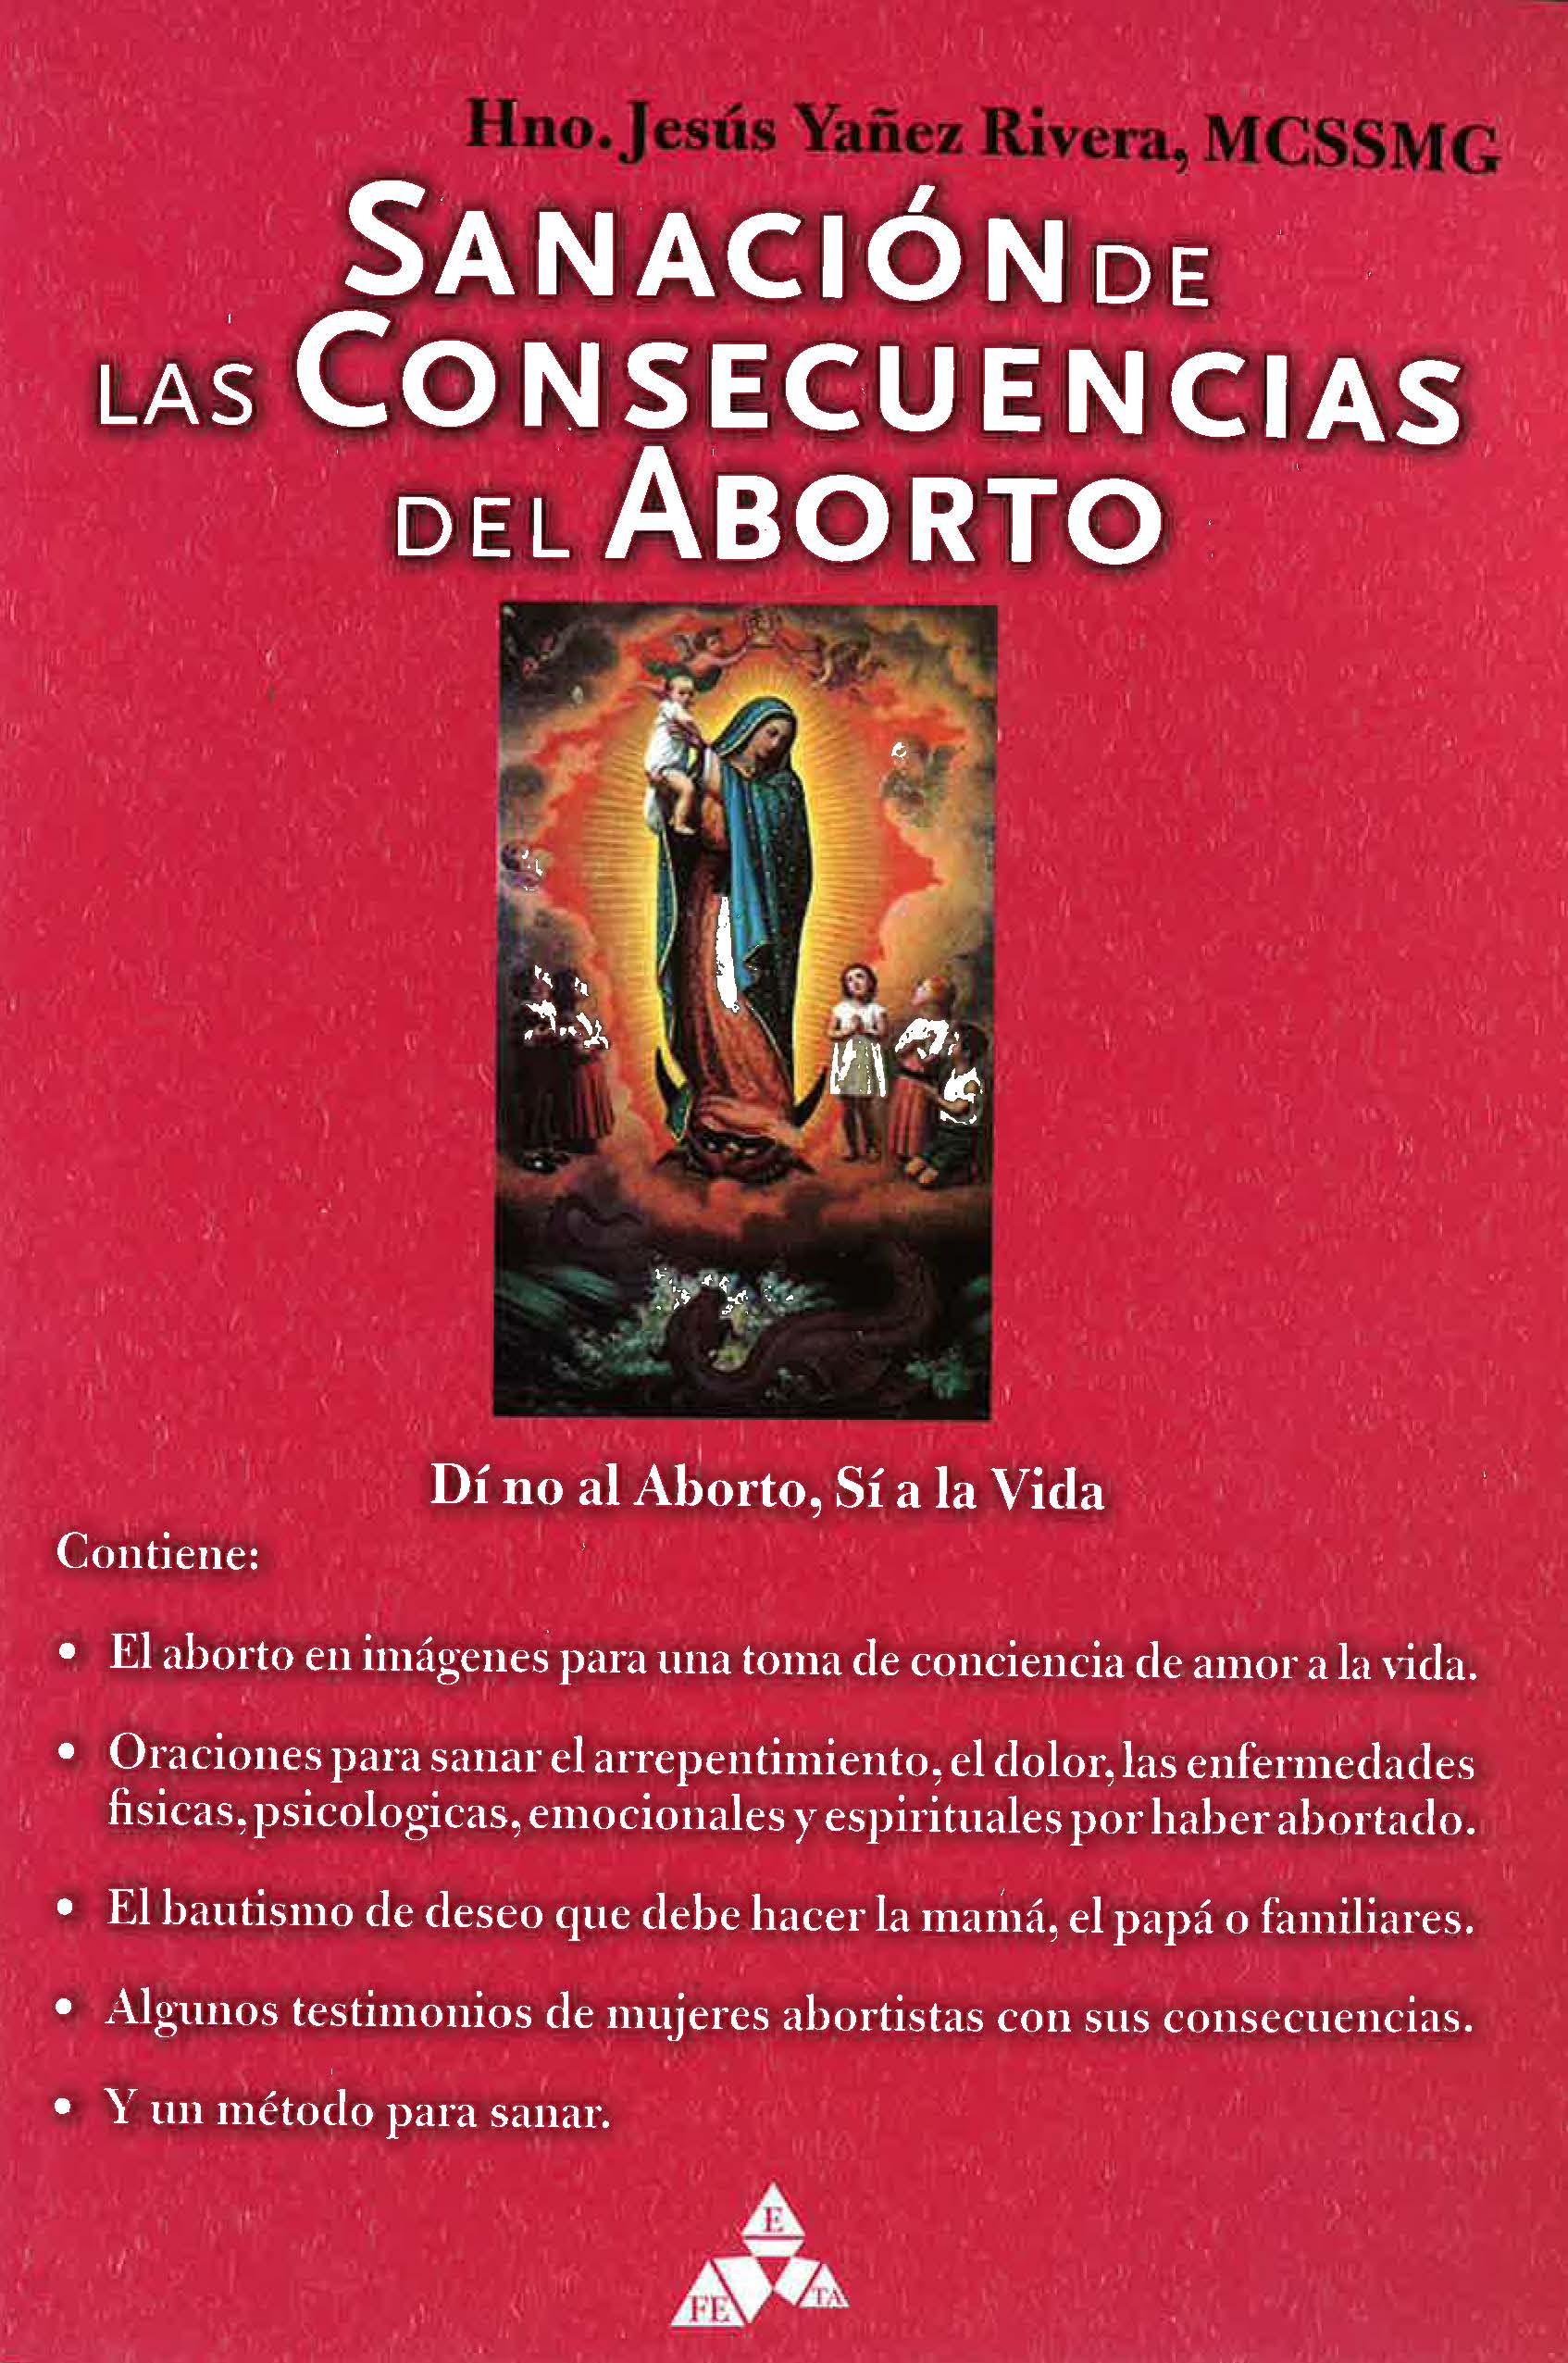 SANACIÓN DE LAS CONSECUENCIAS DEL ABORTO